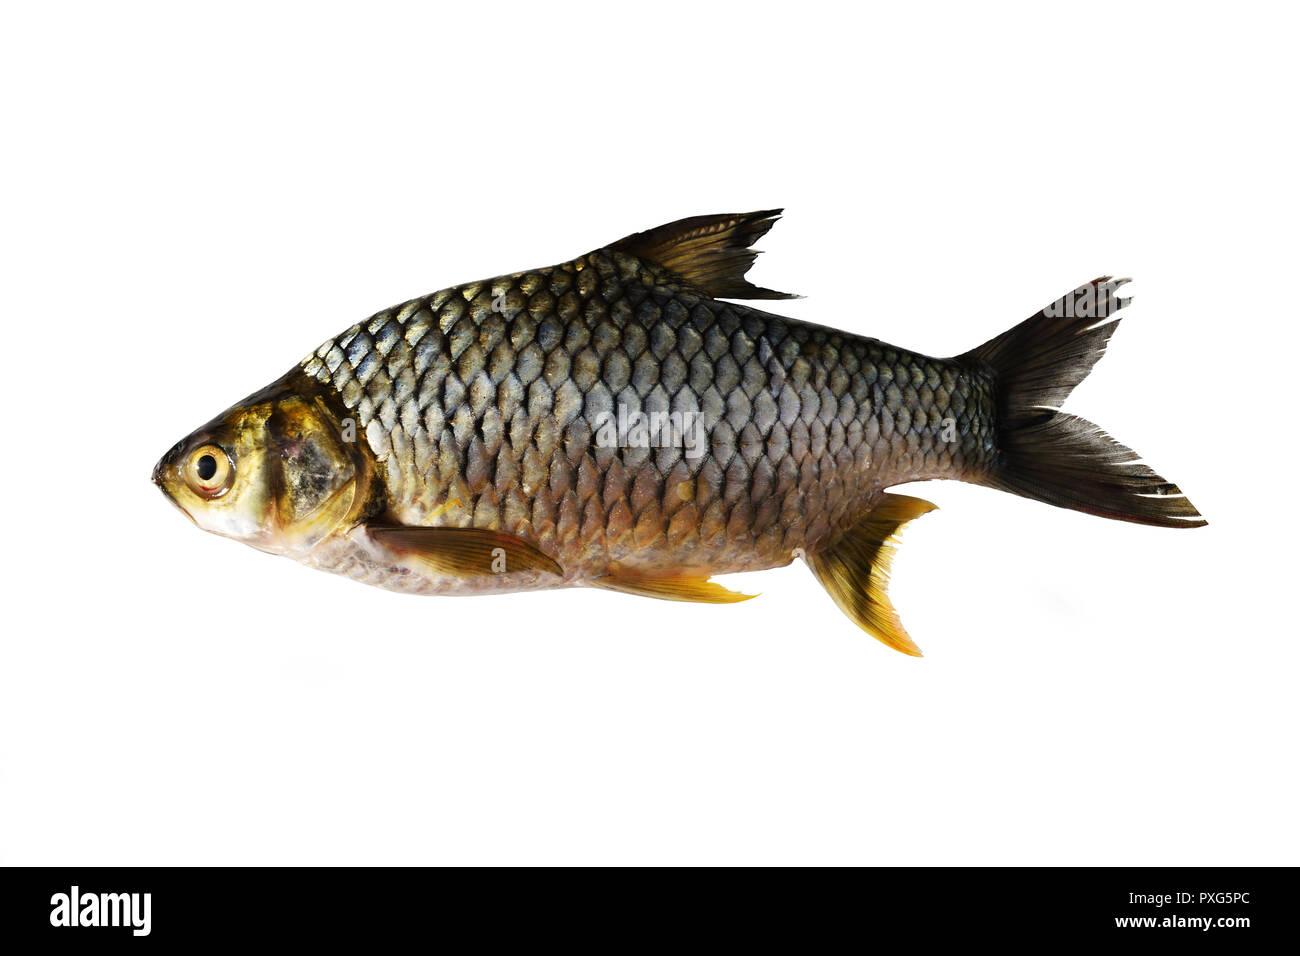 Java Barb, Fisch auf weißem Hintergrund, wichtige aquacultur Süßwasser-Arten in Thailand Stockbild